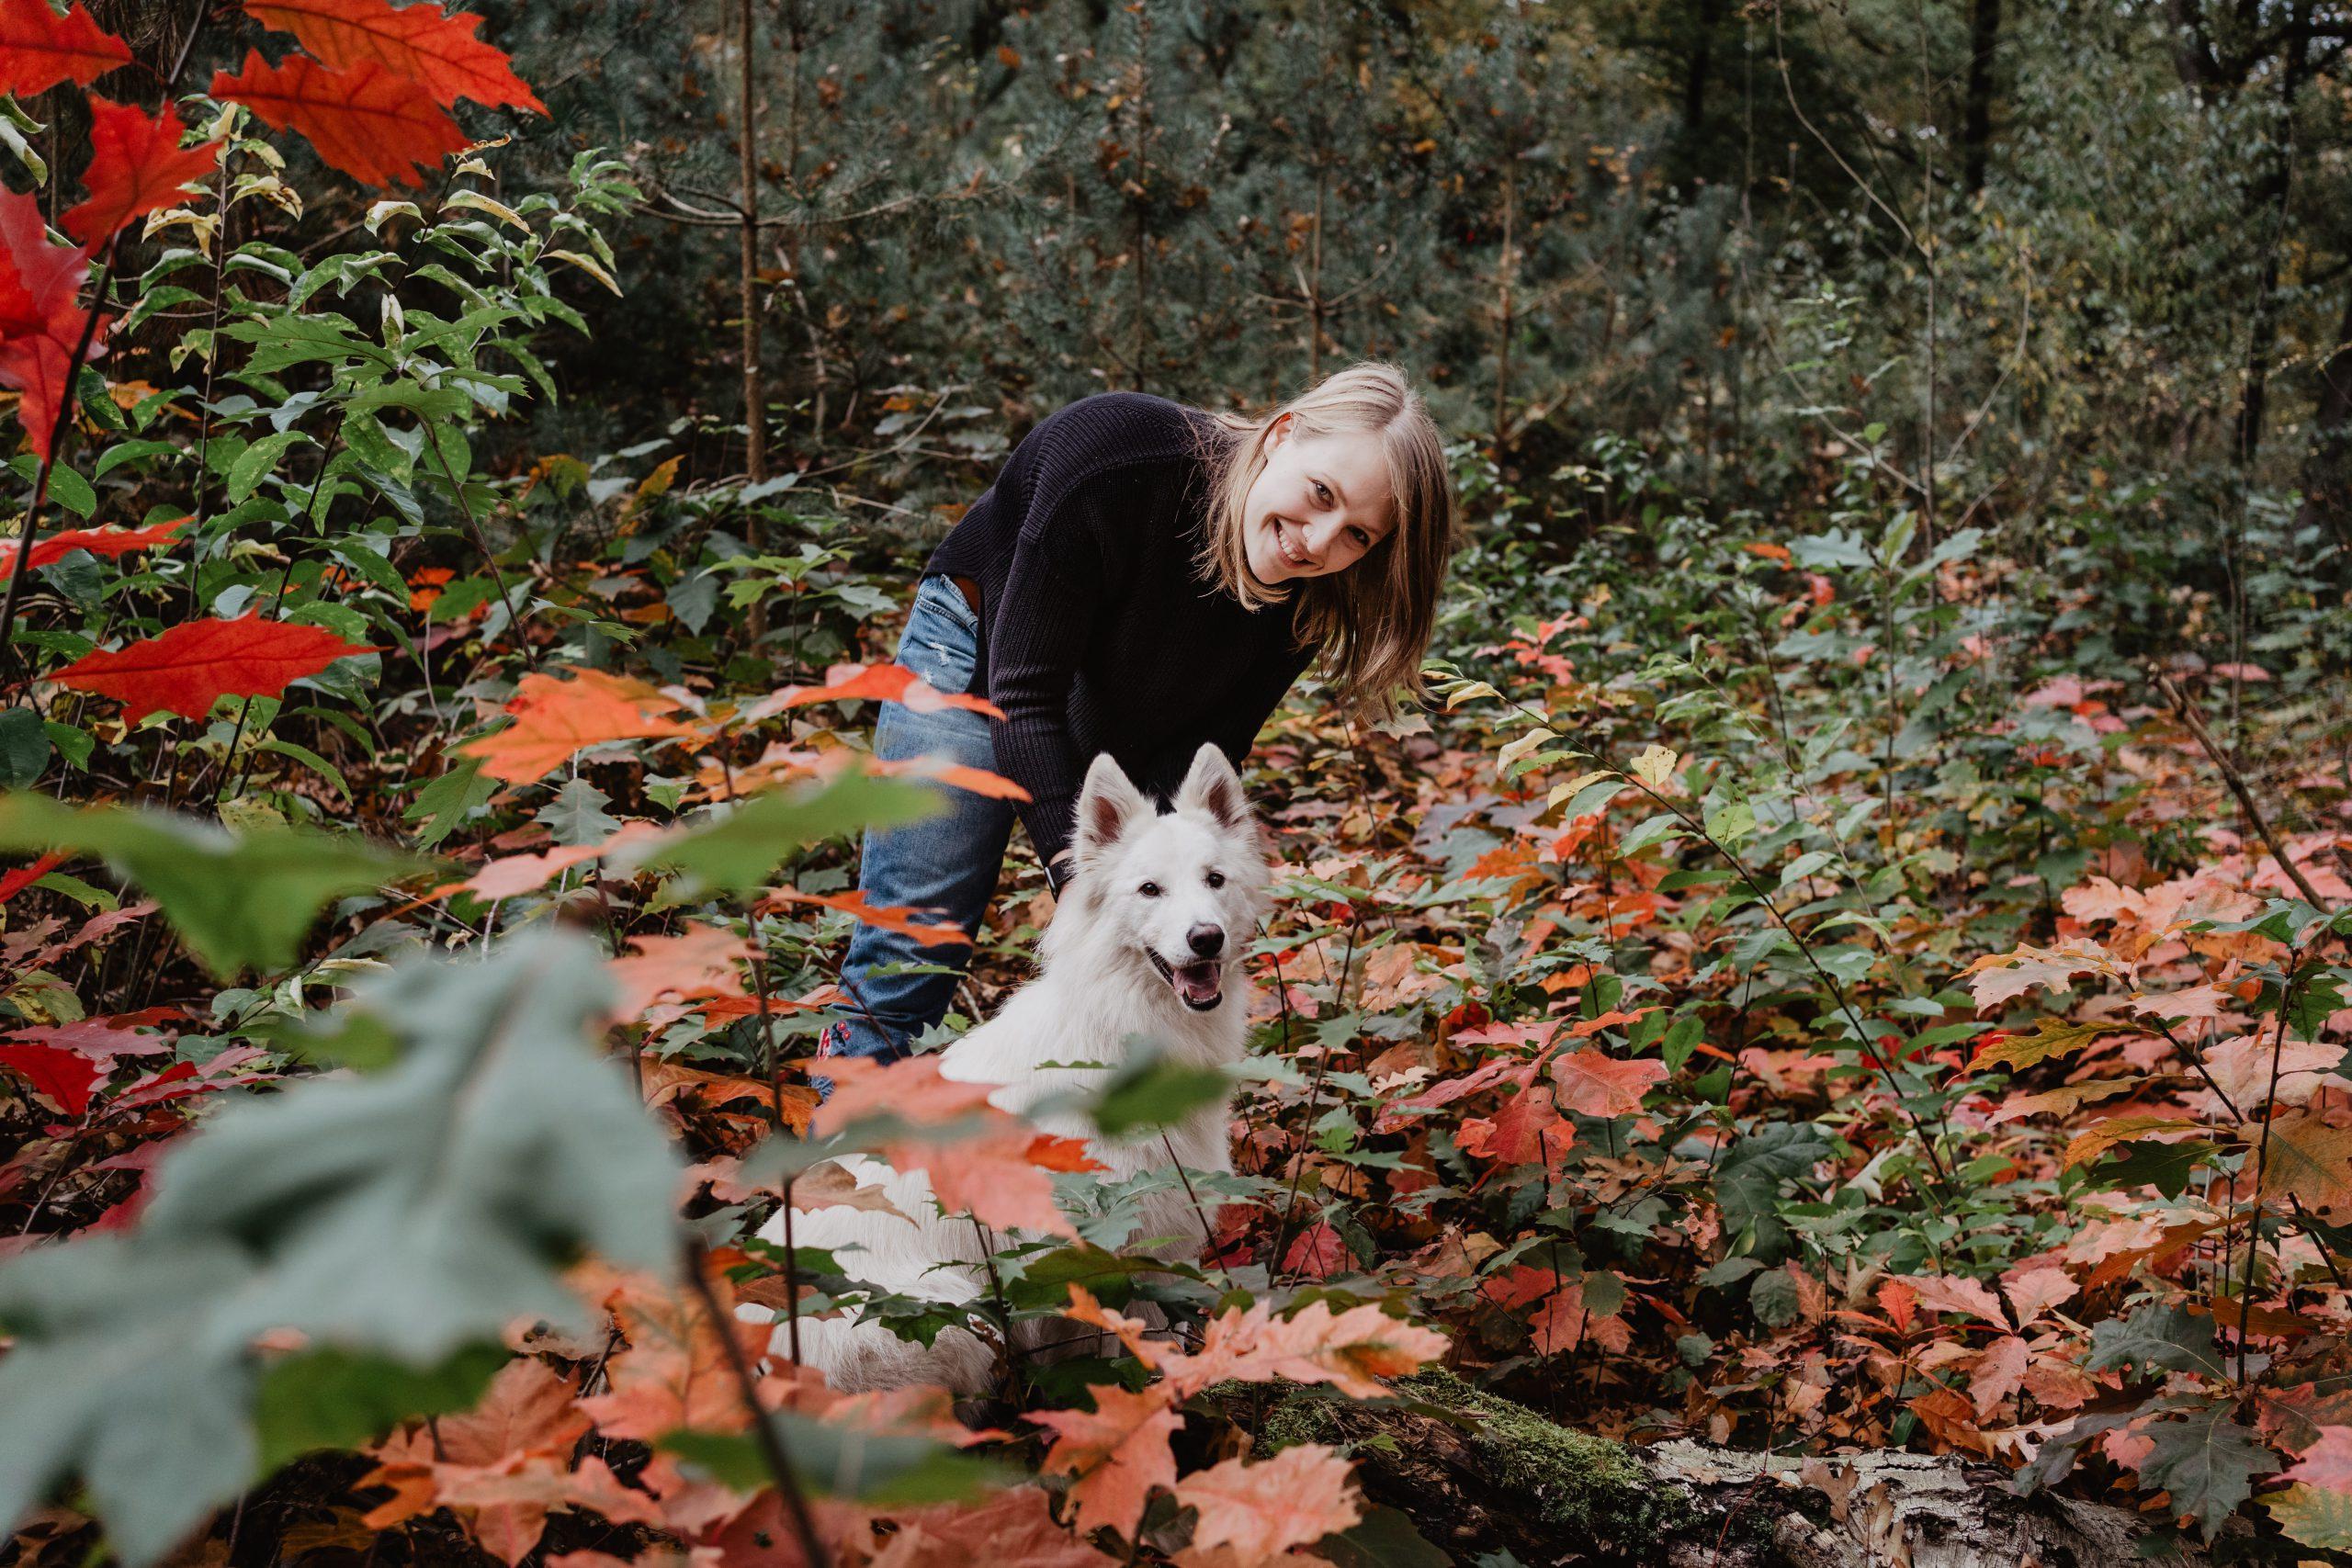 hondengedragscoach Lisse van de Groep met haar witte herder in het bos met herfstkleuren